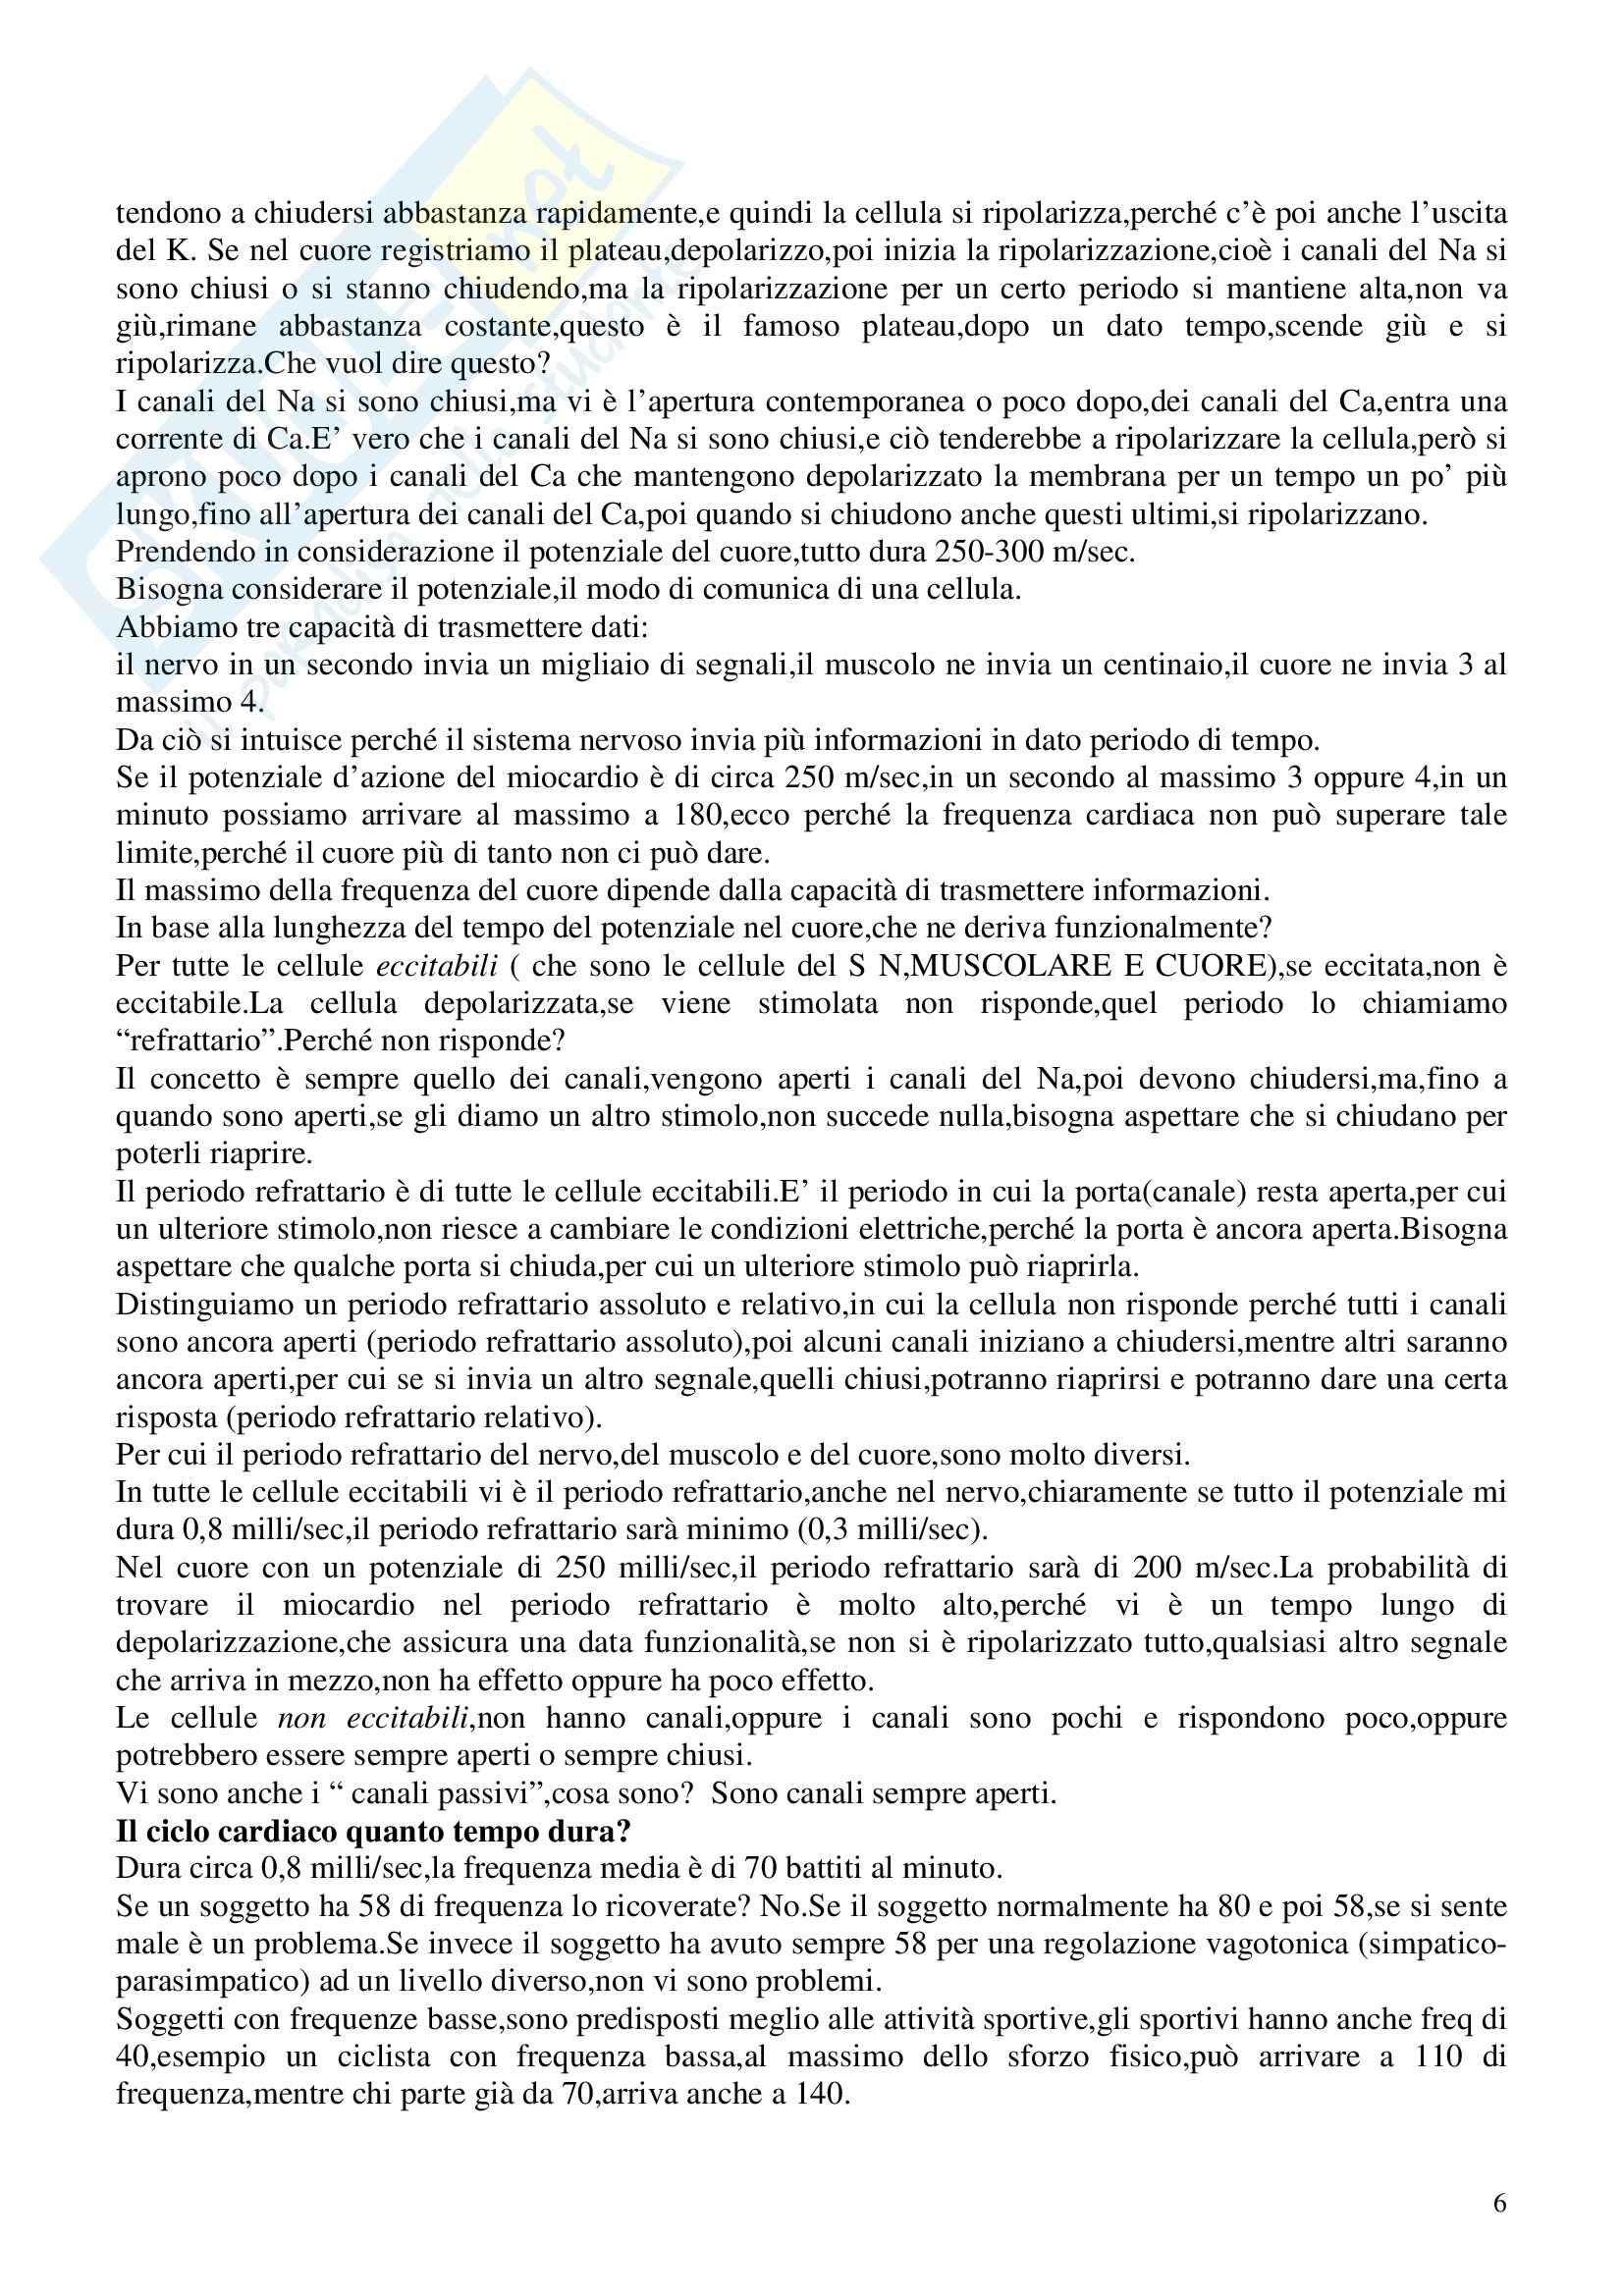 Fisiologia e biofisica - regolazione idrico-salina (seconda parte) Pag. 6